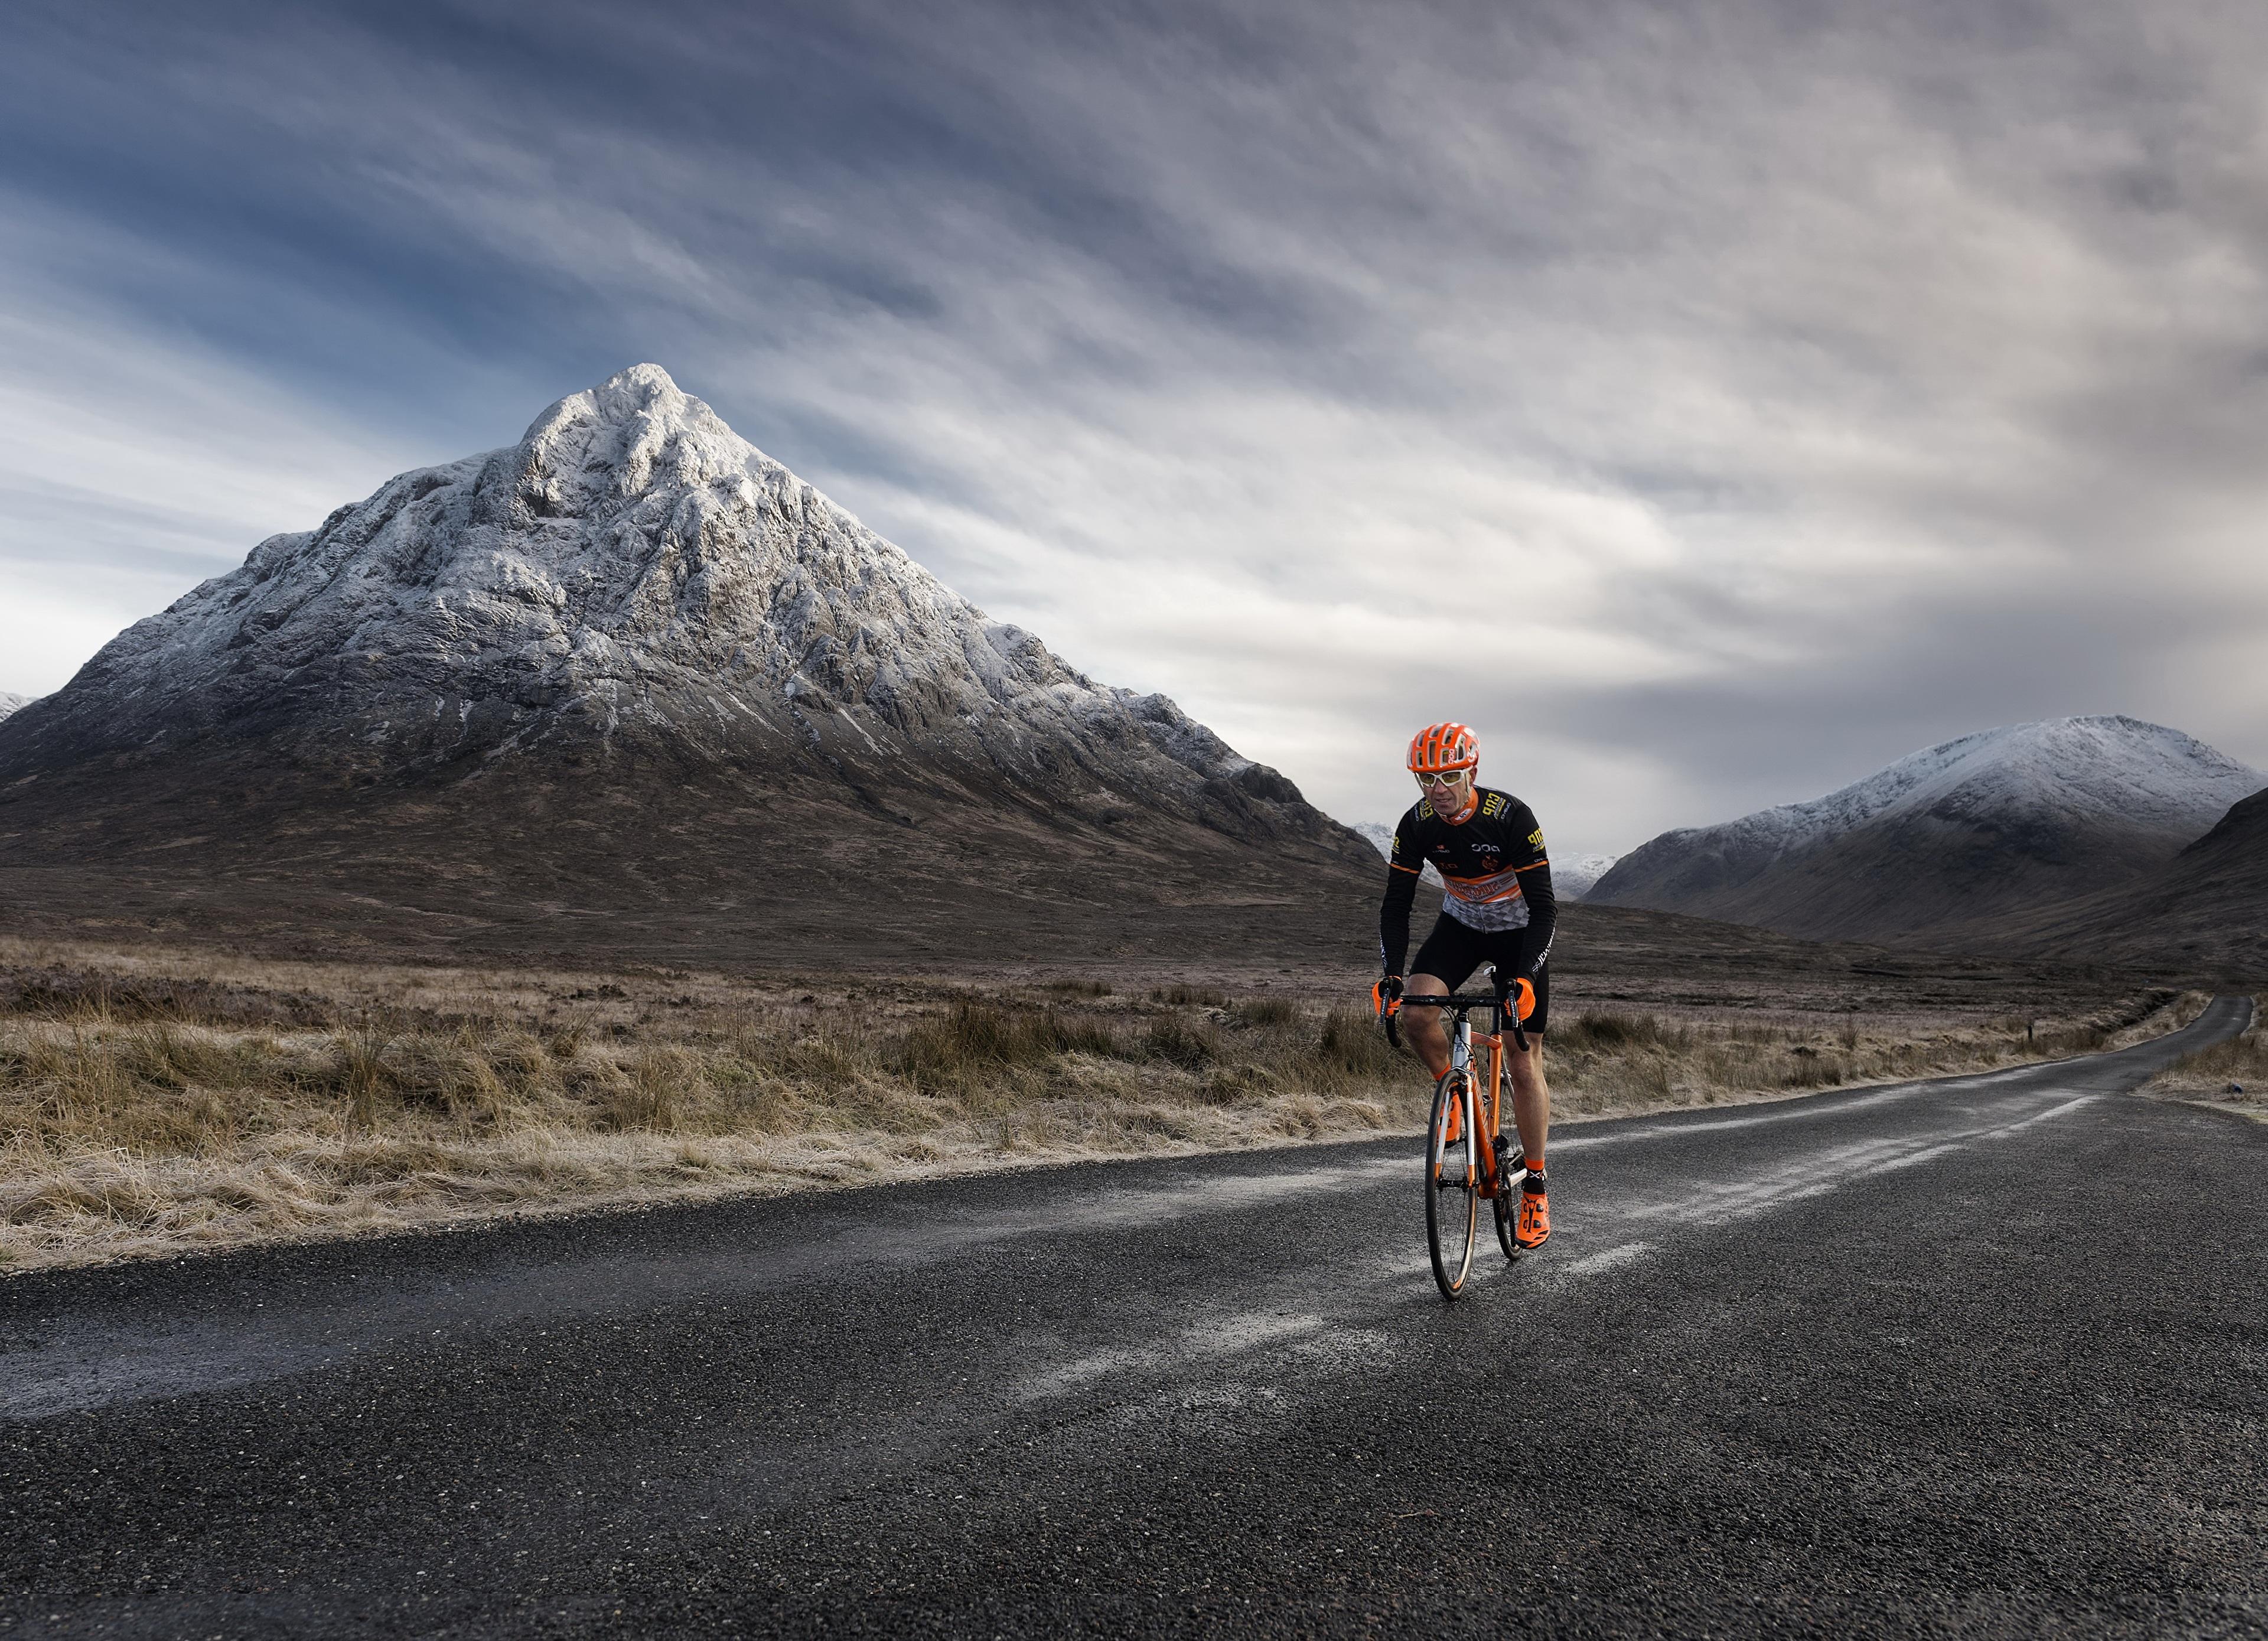 Фотографии Велосипед Горы Природа Дороги Движение 3840x2779 велосипеды велосипеде гора едет едущий едущая скорость